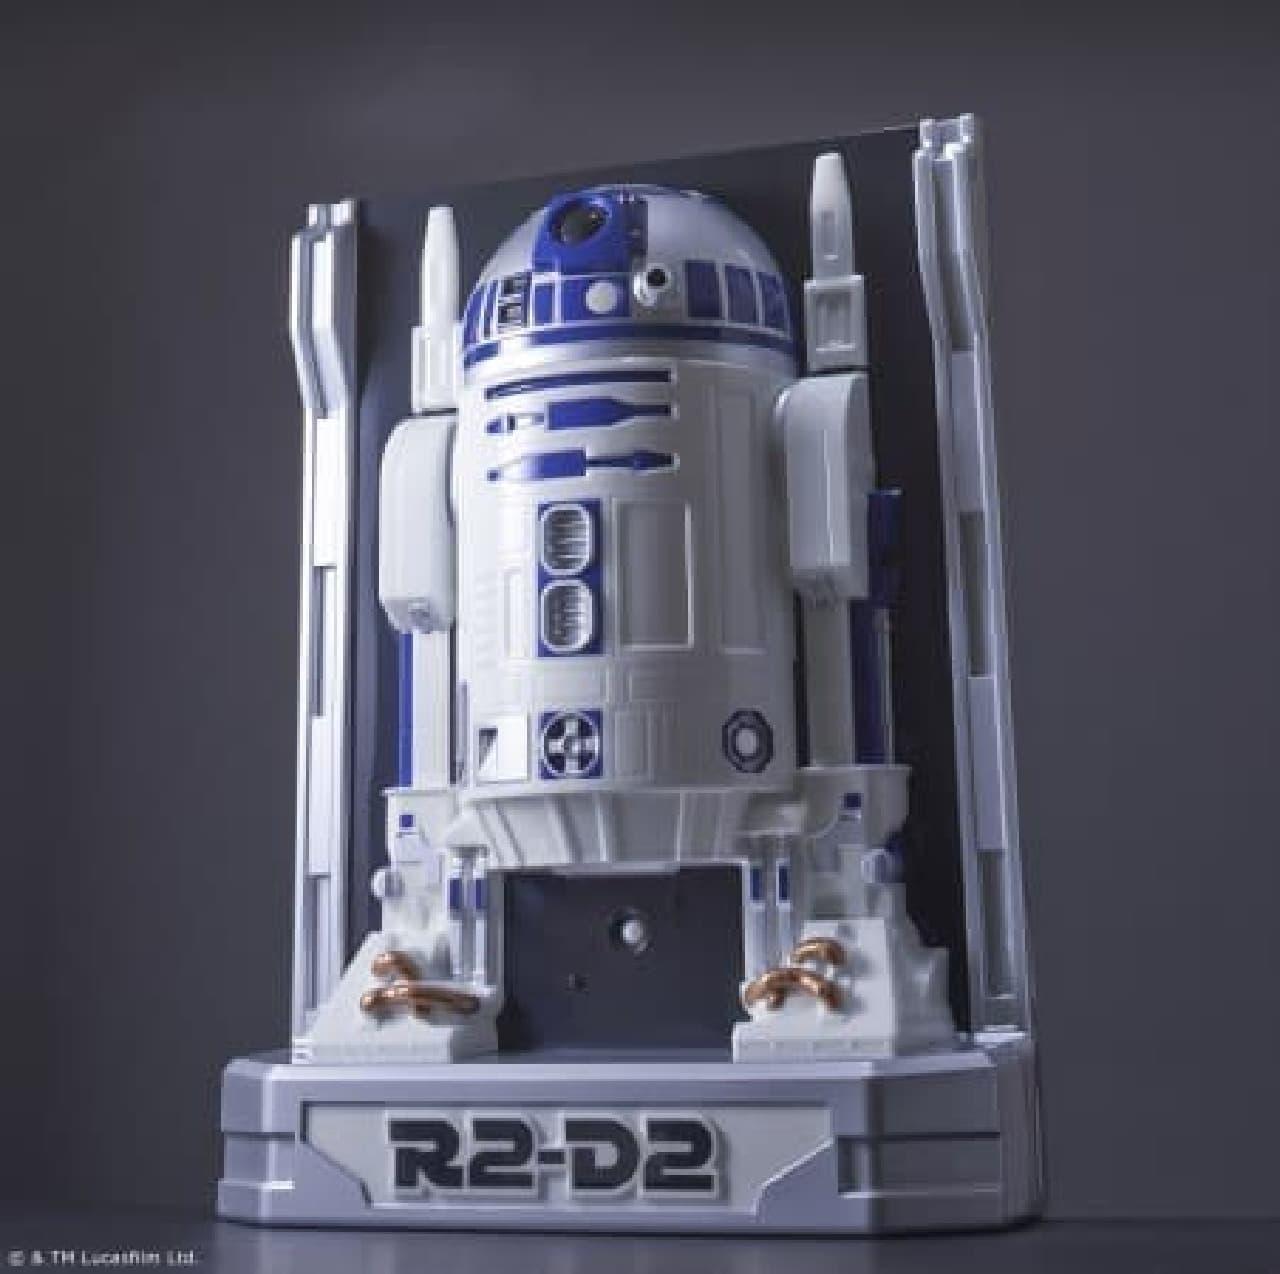 等身大の R2-D2 がやってくる!